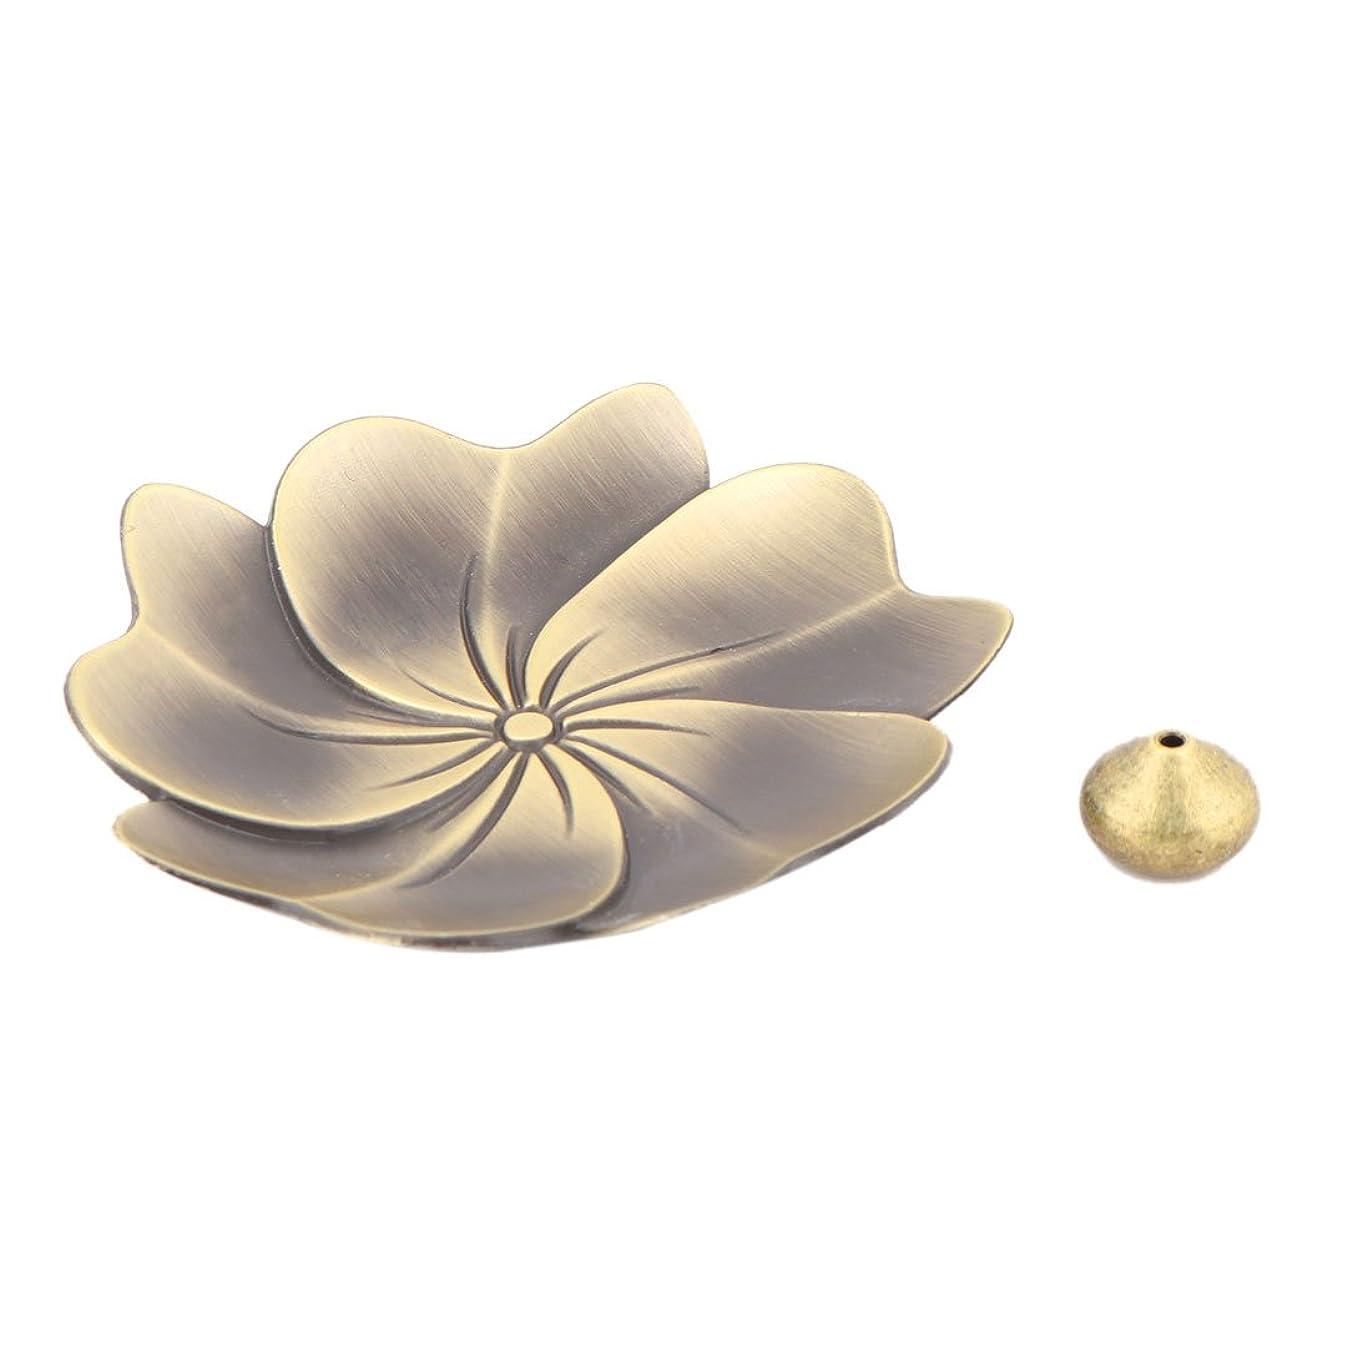 uxcell 香炉ホルダー お香立て インセンスホルダー 蓮 ロータス 花型 セット 金属製 家庭用 直径9cm